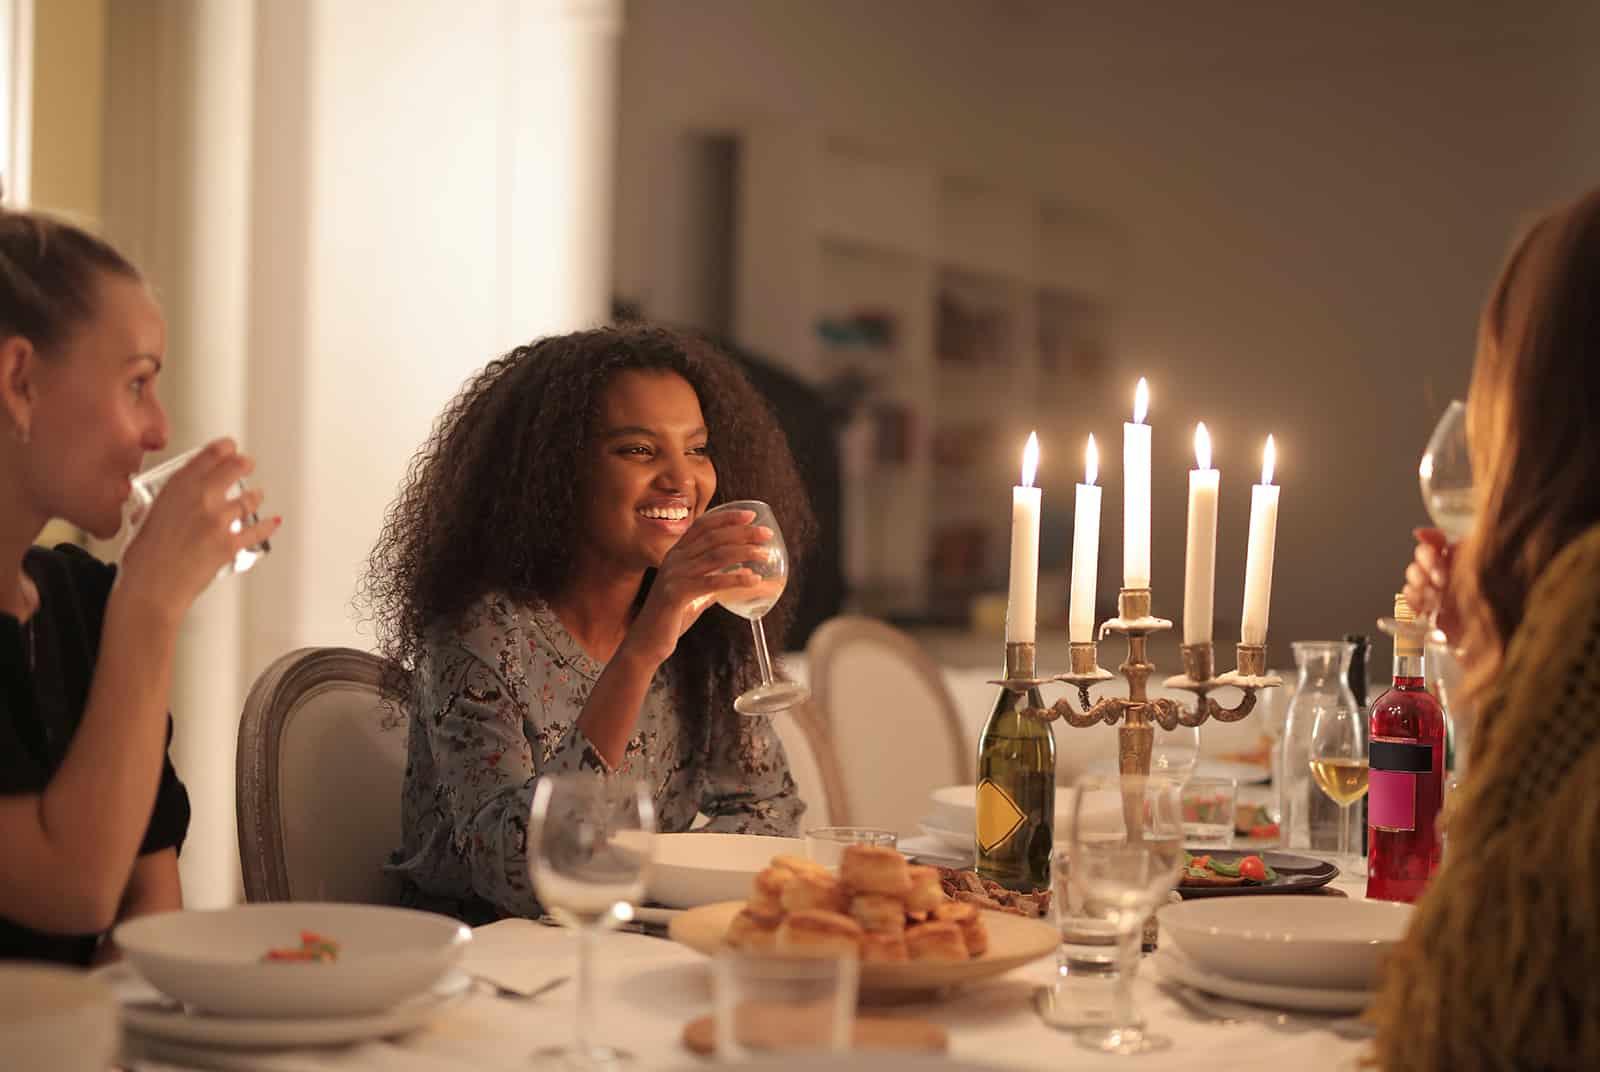 eine fröhliche Frau, die ein Glas Wein bei einem Abendessen mit Freunden hält